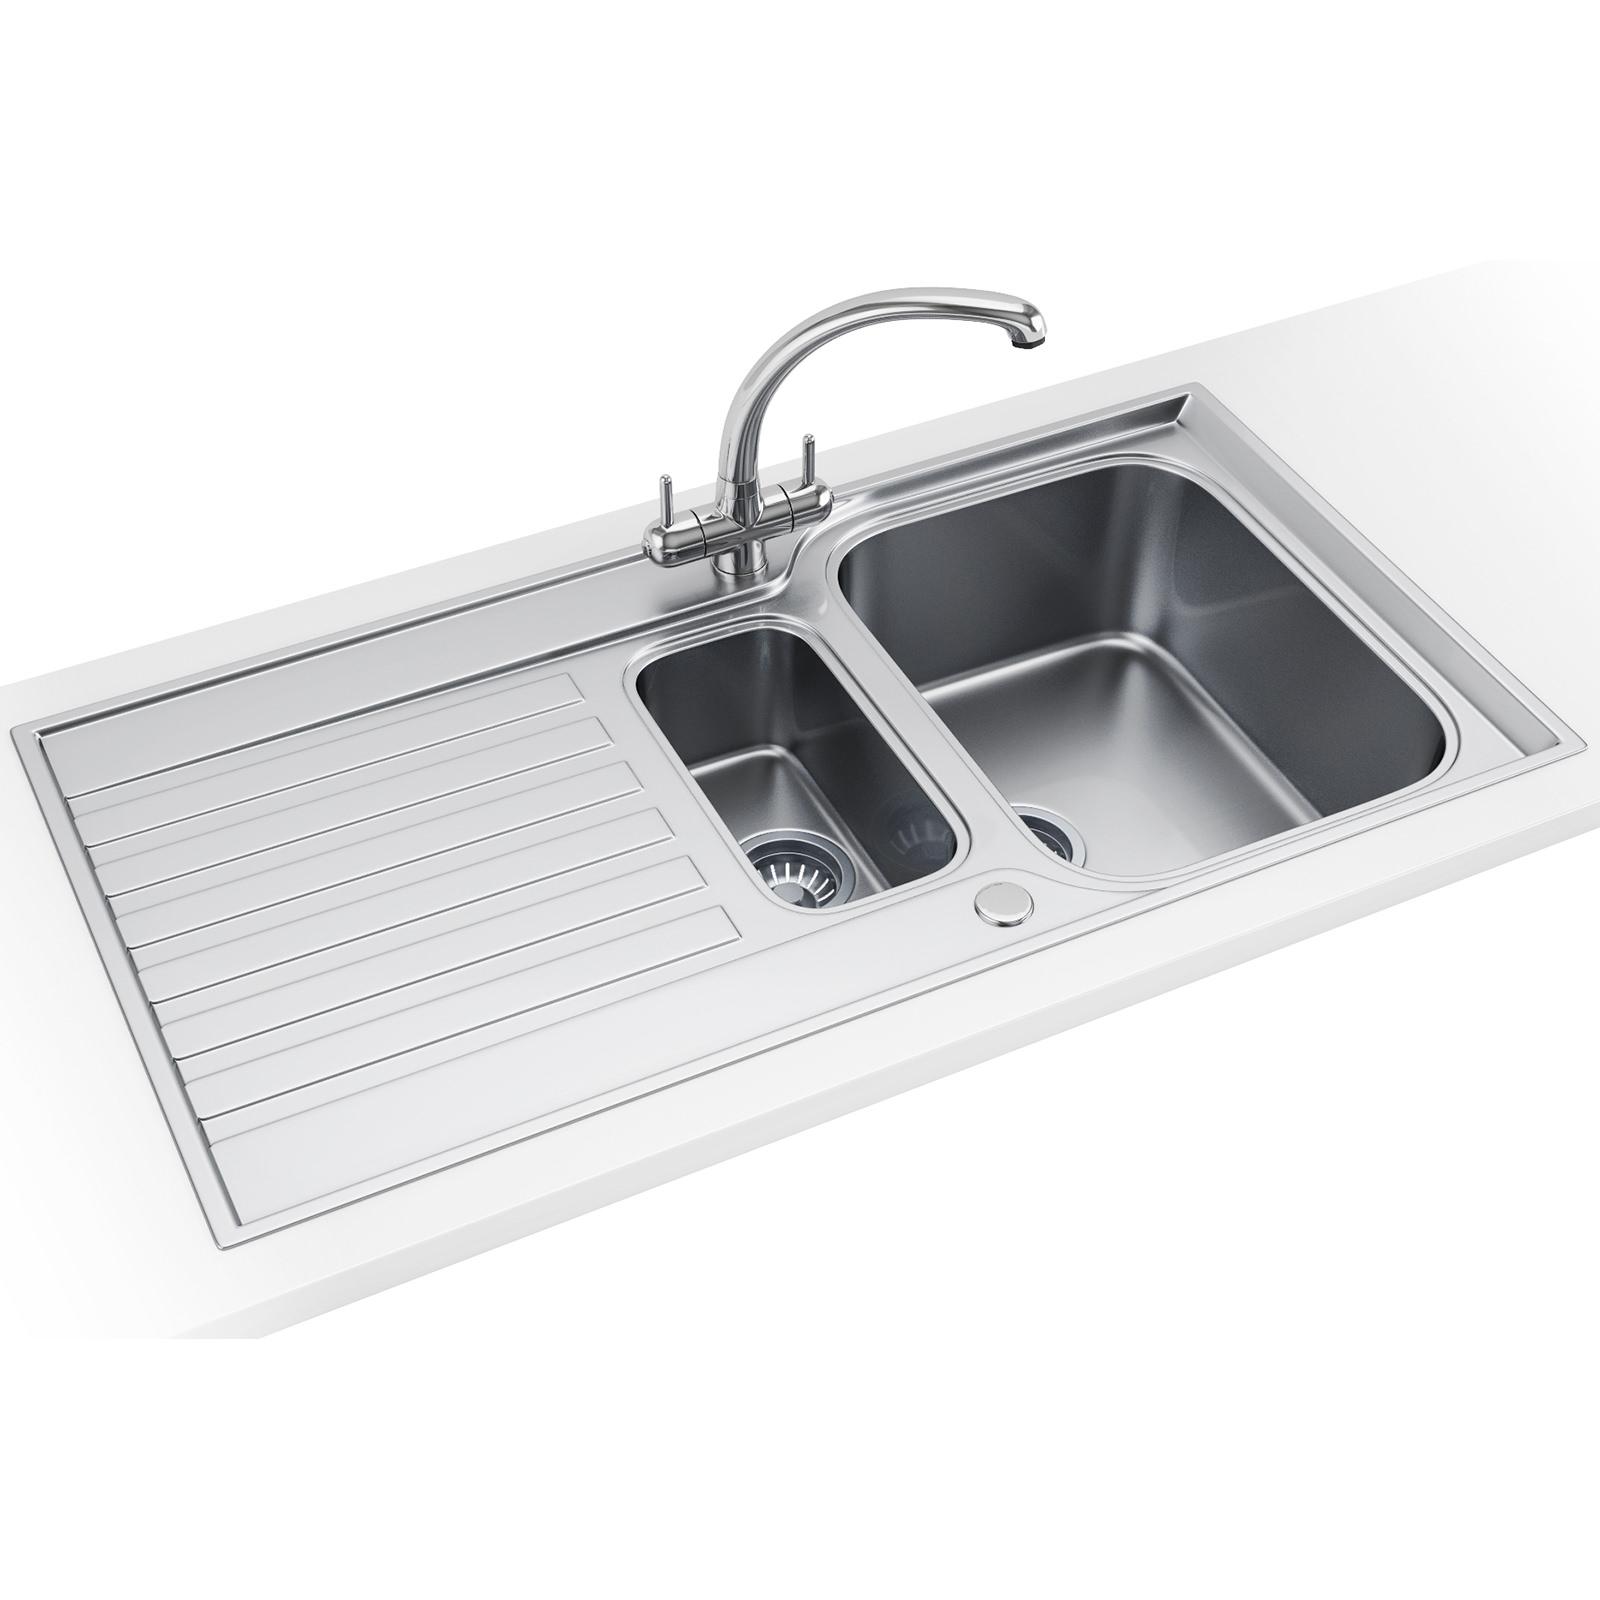 Franke ascona propack asx 651 stainless steel kitchen sink for Franke sinks